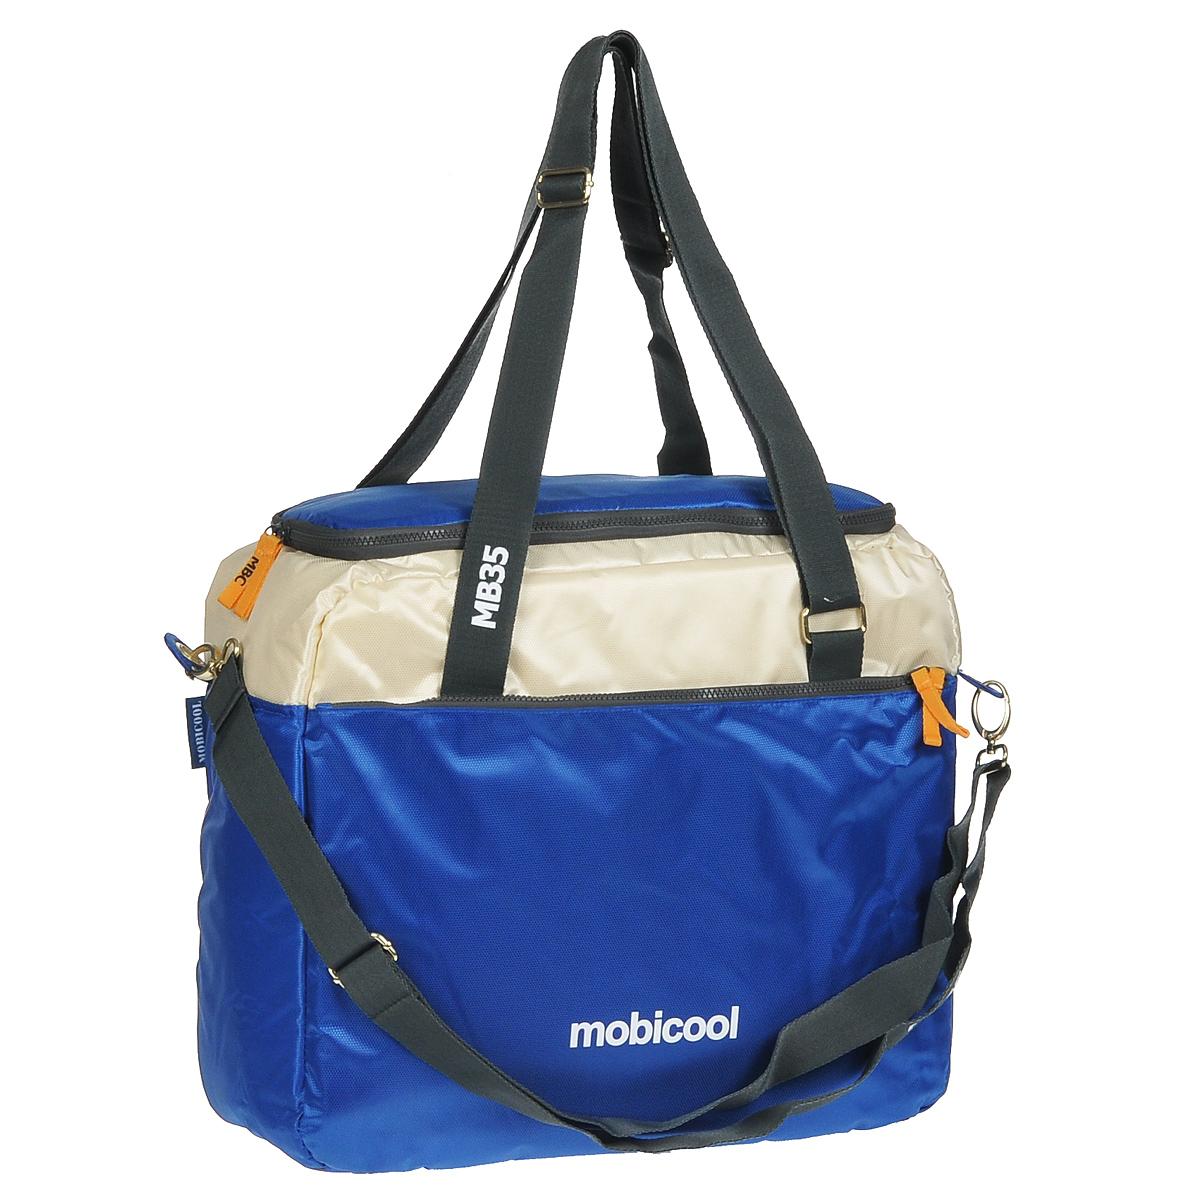 Термосумка MobiCool Sail 35, цвет: синий9103500758_синийСумка-холодильник MobiCool Sail 35 будет незаменимым помощникомдля охлаждения напитков и продуктов в любой поездке. Регулируемый по длине плечевой ремень позволит с легкостью носить сумку, оставляя руки свободными. Множество отделений позволяют собрать вещи для дальней дороги. Внутренний термоизолирующий слой из вспененного полиэтилена надолго сохраняет свежесть мясных блюд, салатов, а также охлажденных напитков. MobiCool Sail 35 изготовлена из прочных, устойчивых к выгоранию материалов.Изоляция: EPP пенопластМетод охлаждения: хладагентВнутренний материал: фольгированный PEVAВнешний материал: высокопрочный полиэстерВместимость: 11 бутылок емкостью 1.5 л, 63 банки емкостью 0,33 л